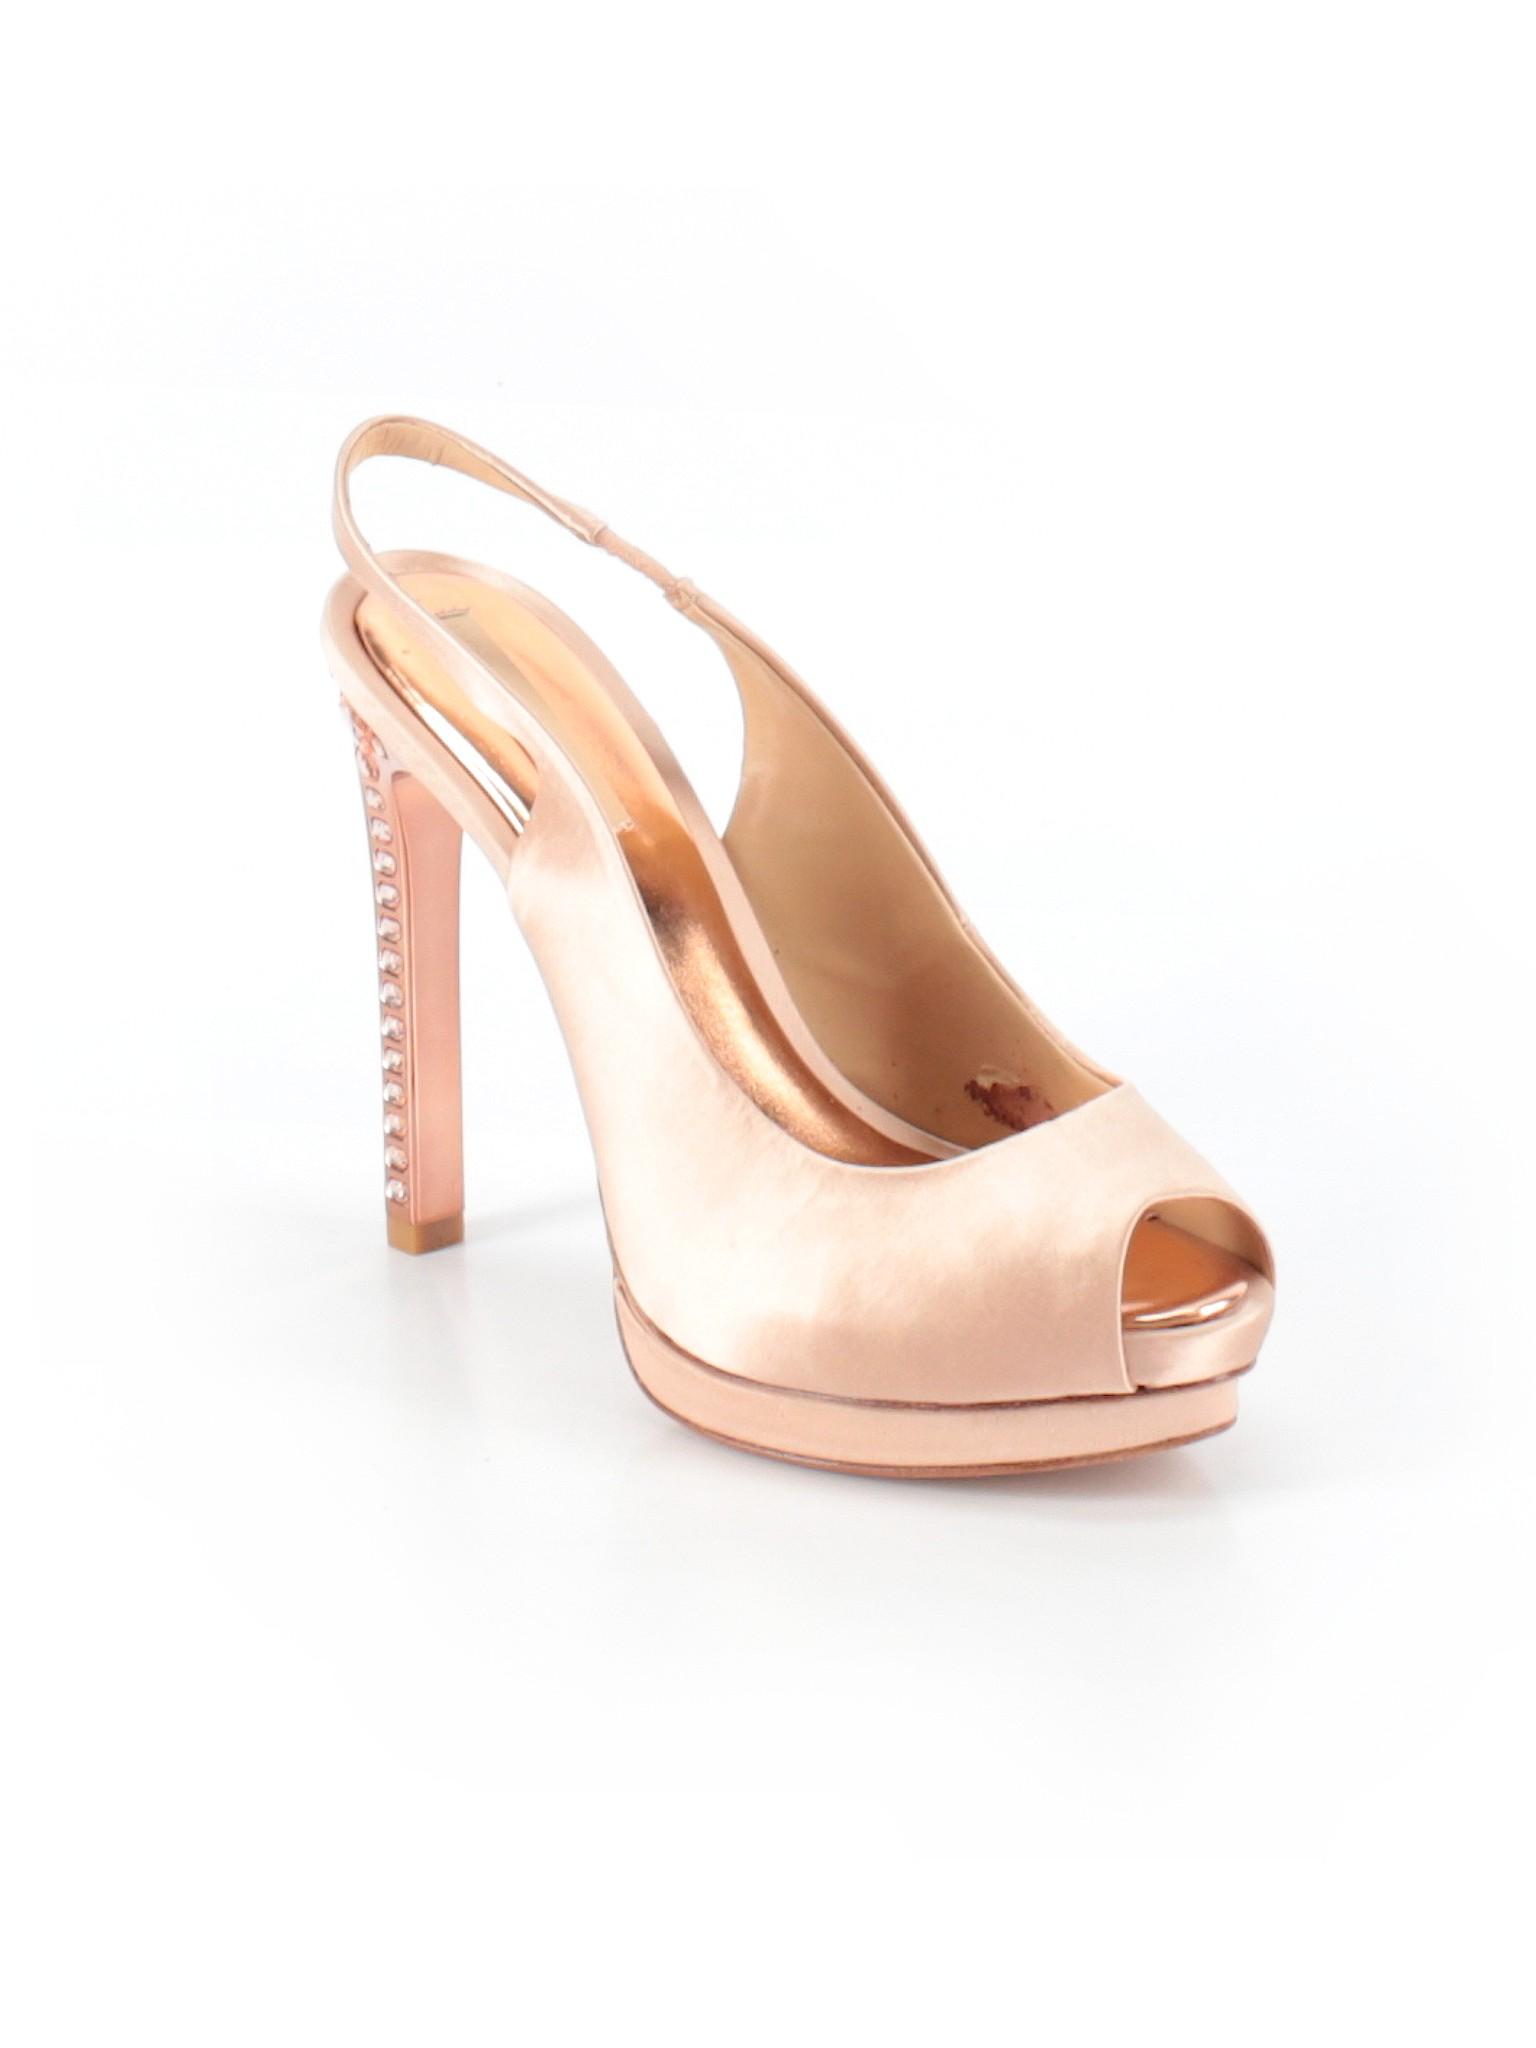 Boutique Boutique BCBGMAXAZRIA promotion Heels promotion 7w7qgrO